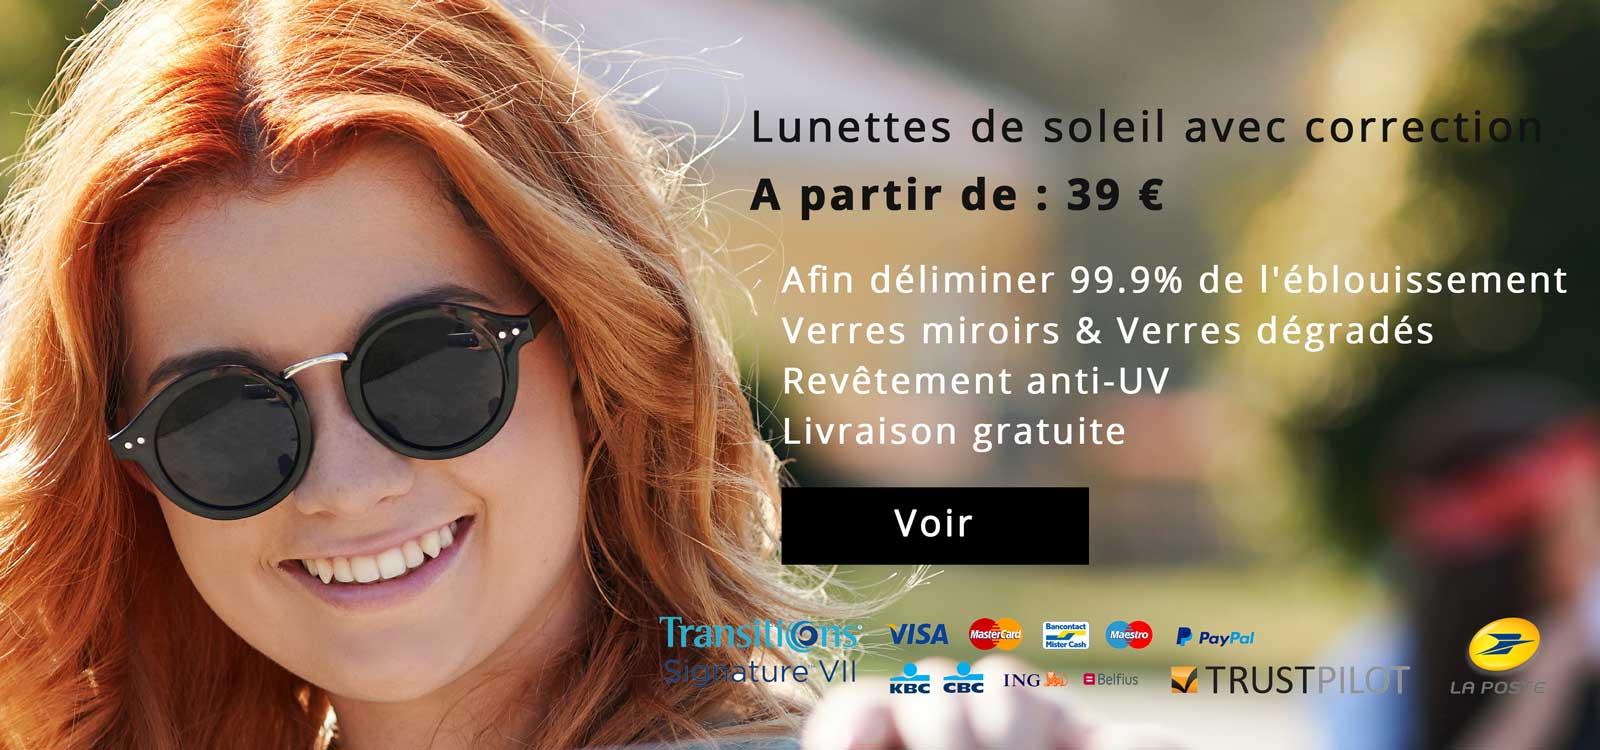 Lunettes de soleil avec correction A partir de : 39 €